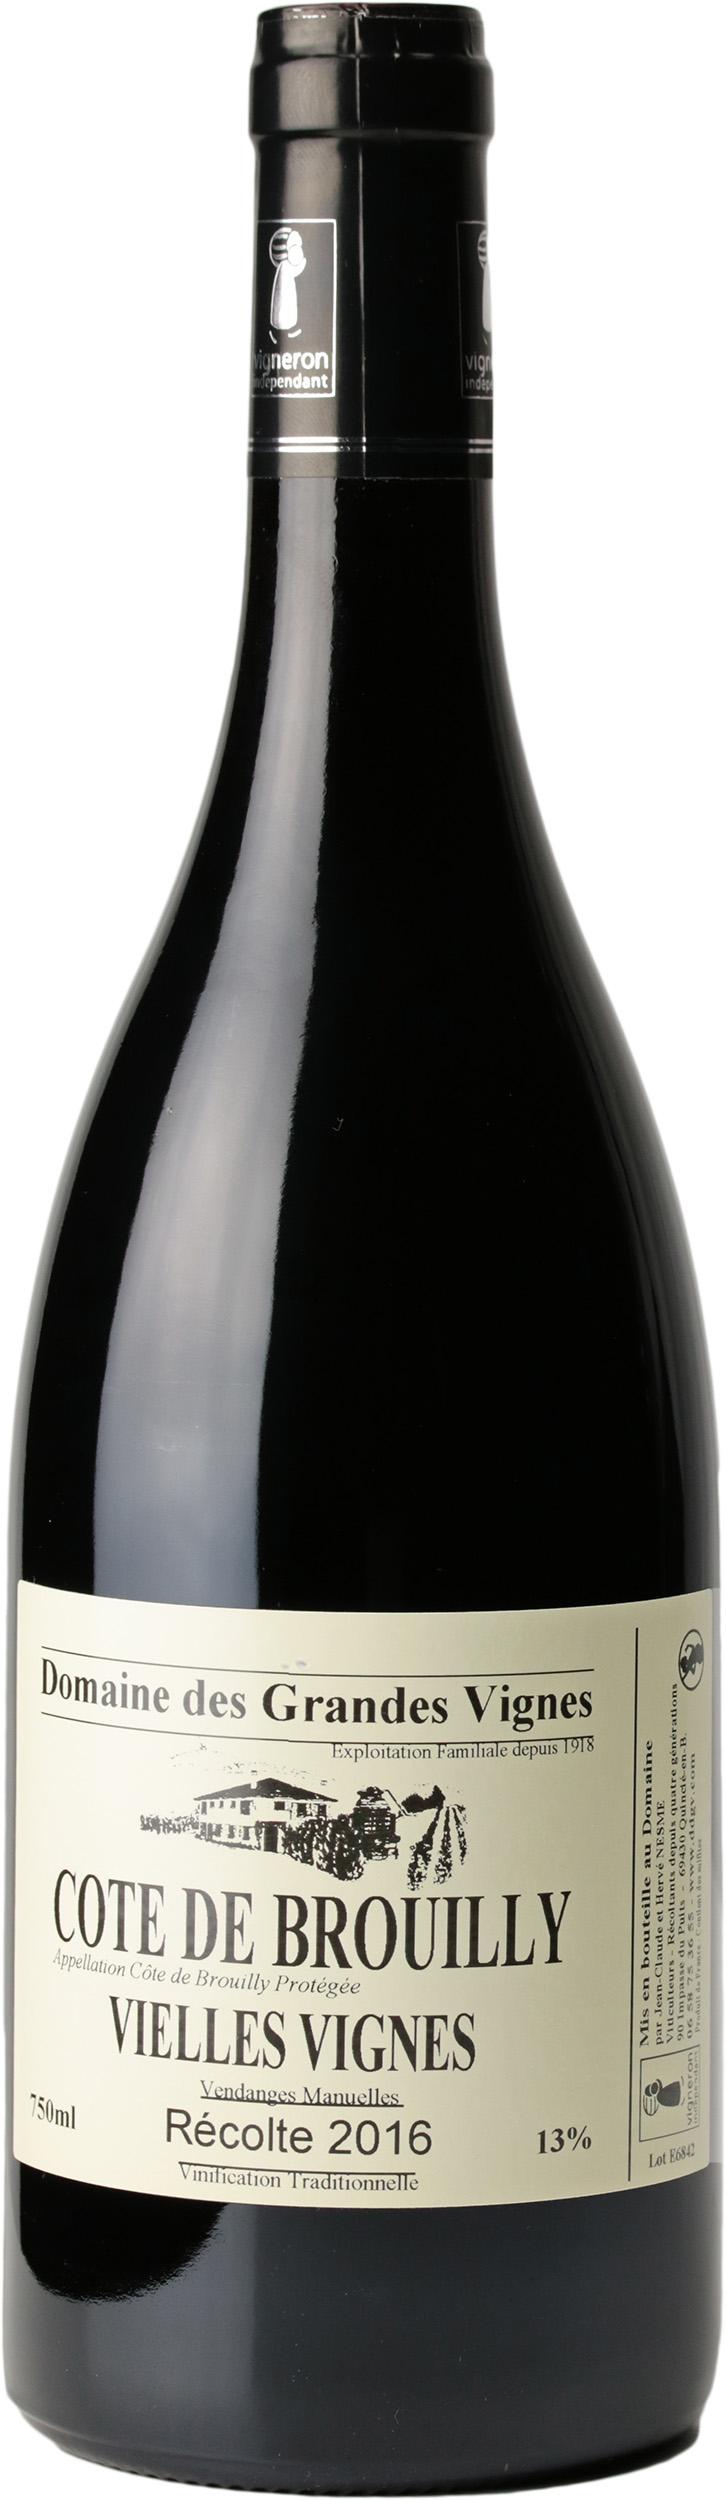 Côte de Brouilly Vieilles Vignes 2016